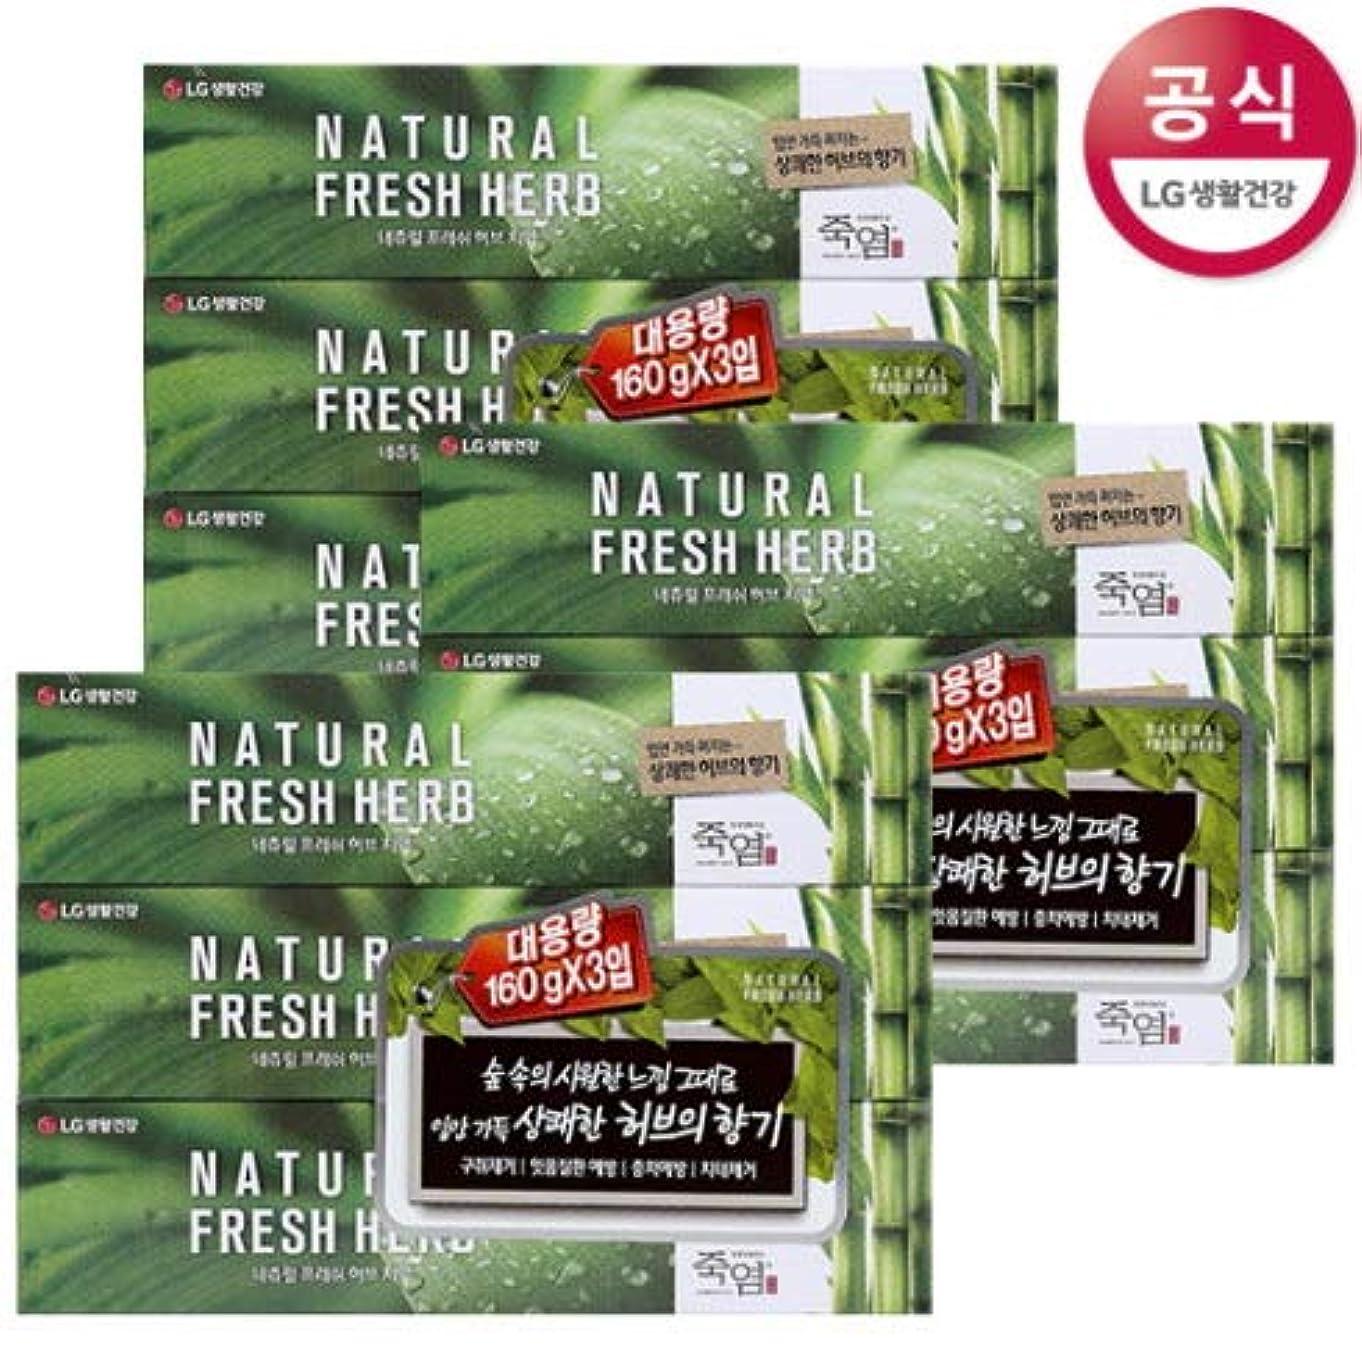 バン廃止既婚[LG HnB] Bamboo Salt Natural Fresh Herbal Toothpaste/竹塩ナチュラルフレッシュハーブ歯磨き粉 160gx9個(海外直送品)